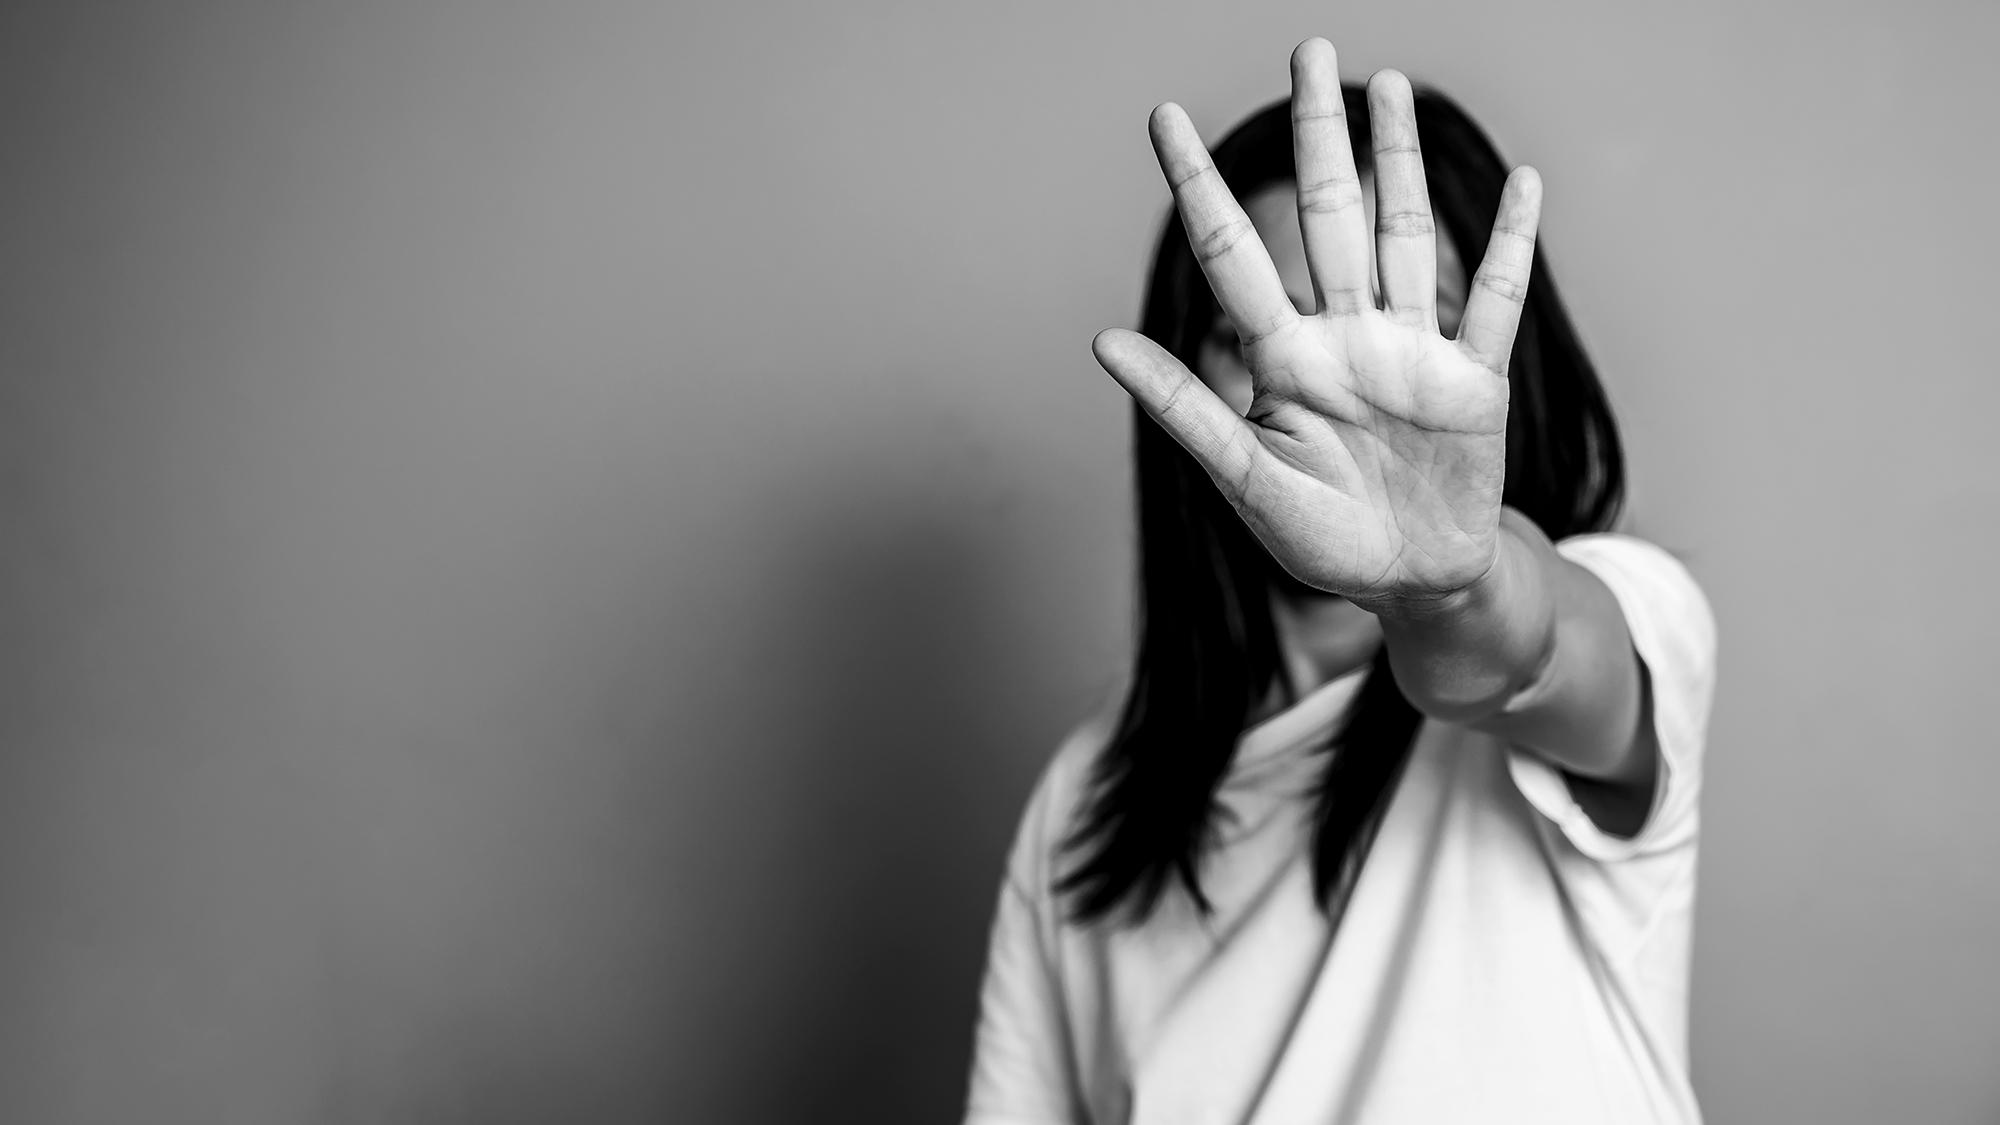 missbrauch von erwachsenen sexuelle opfer